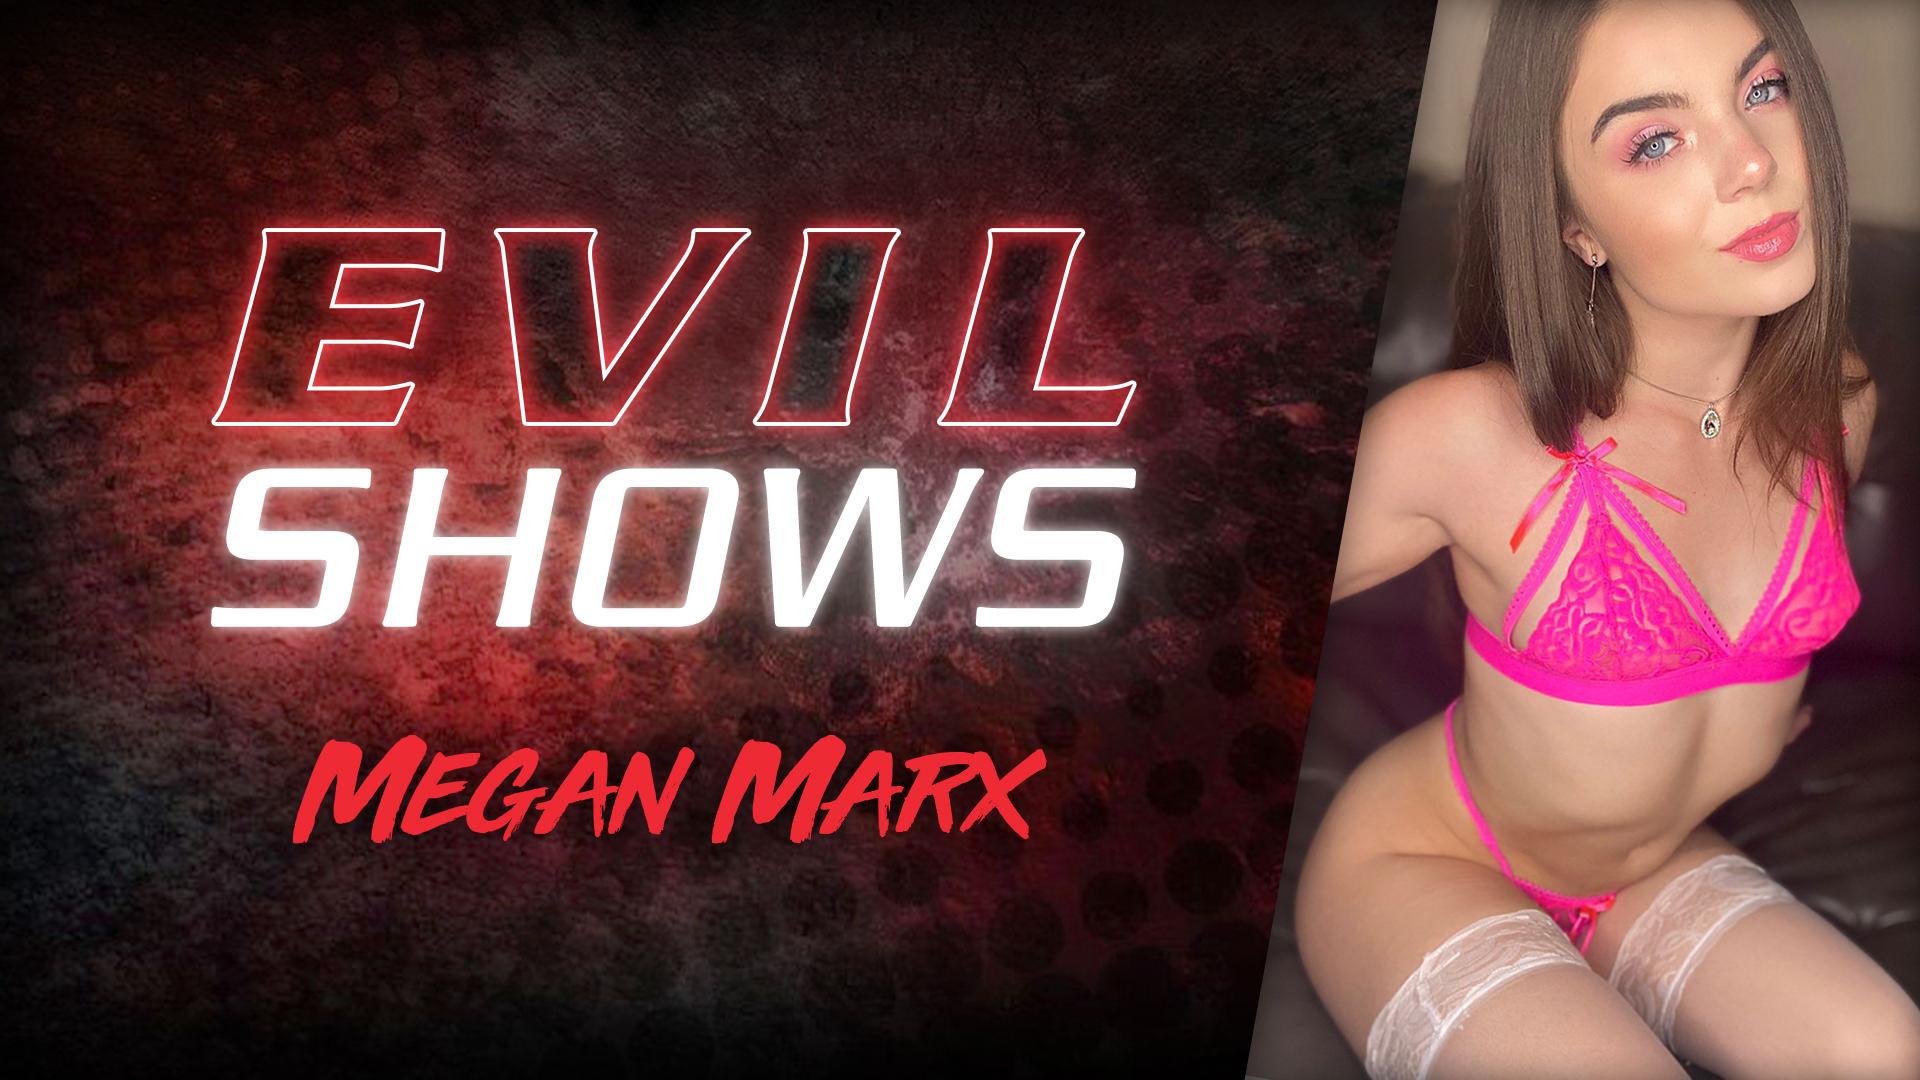 Evil Shows - Megan Marx Escena 1